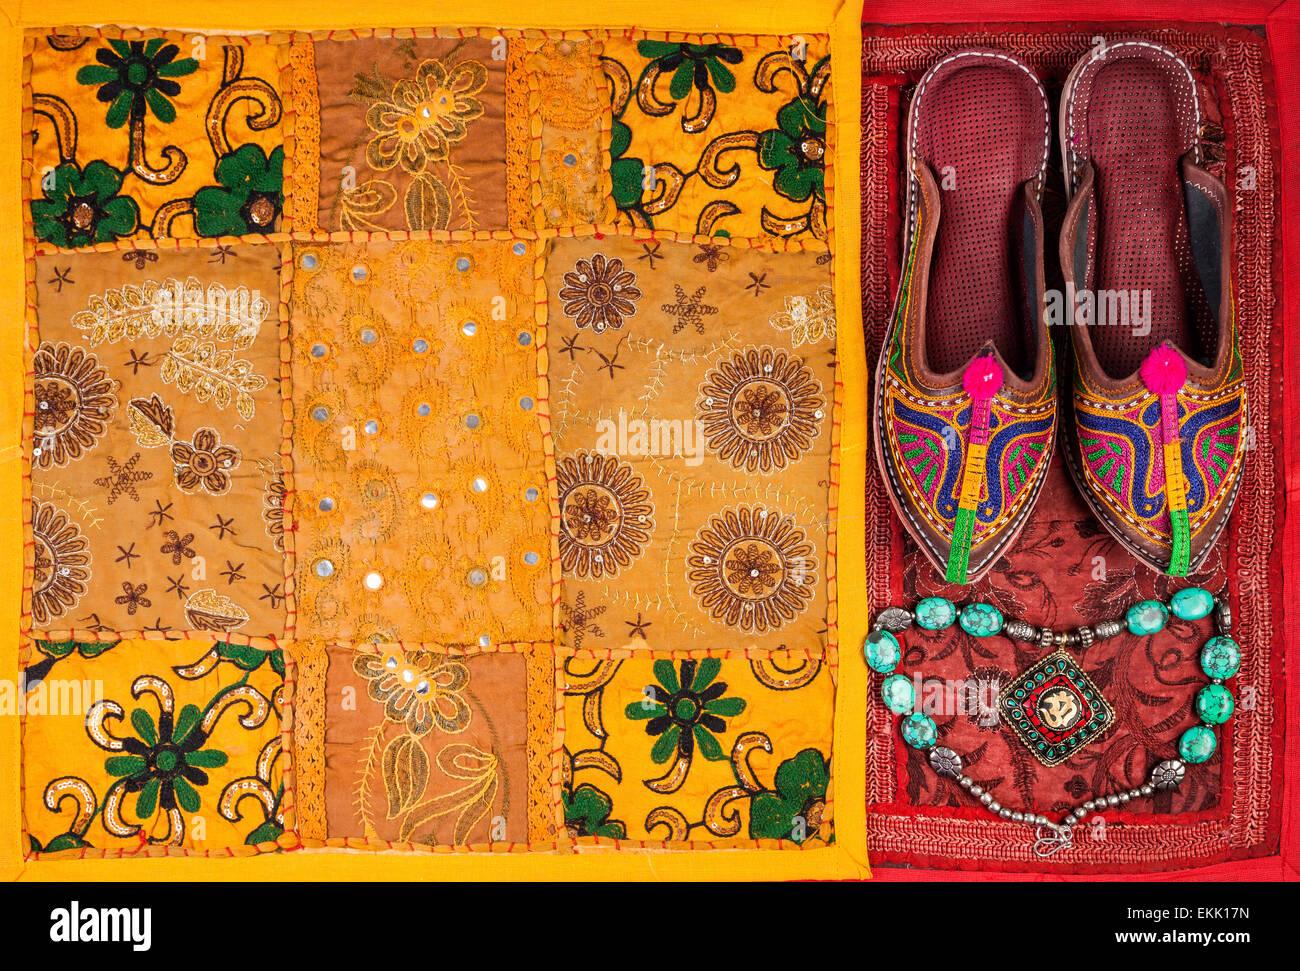 Bunten ethnischen Schuhe, Halskette und gelbe Kissenhülle aus Rajasthan am Flohmarkt in Indien Stockbild